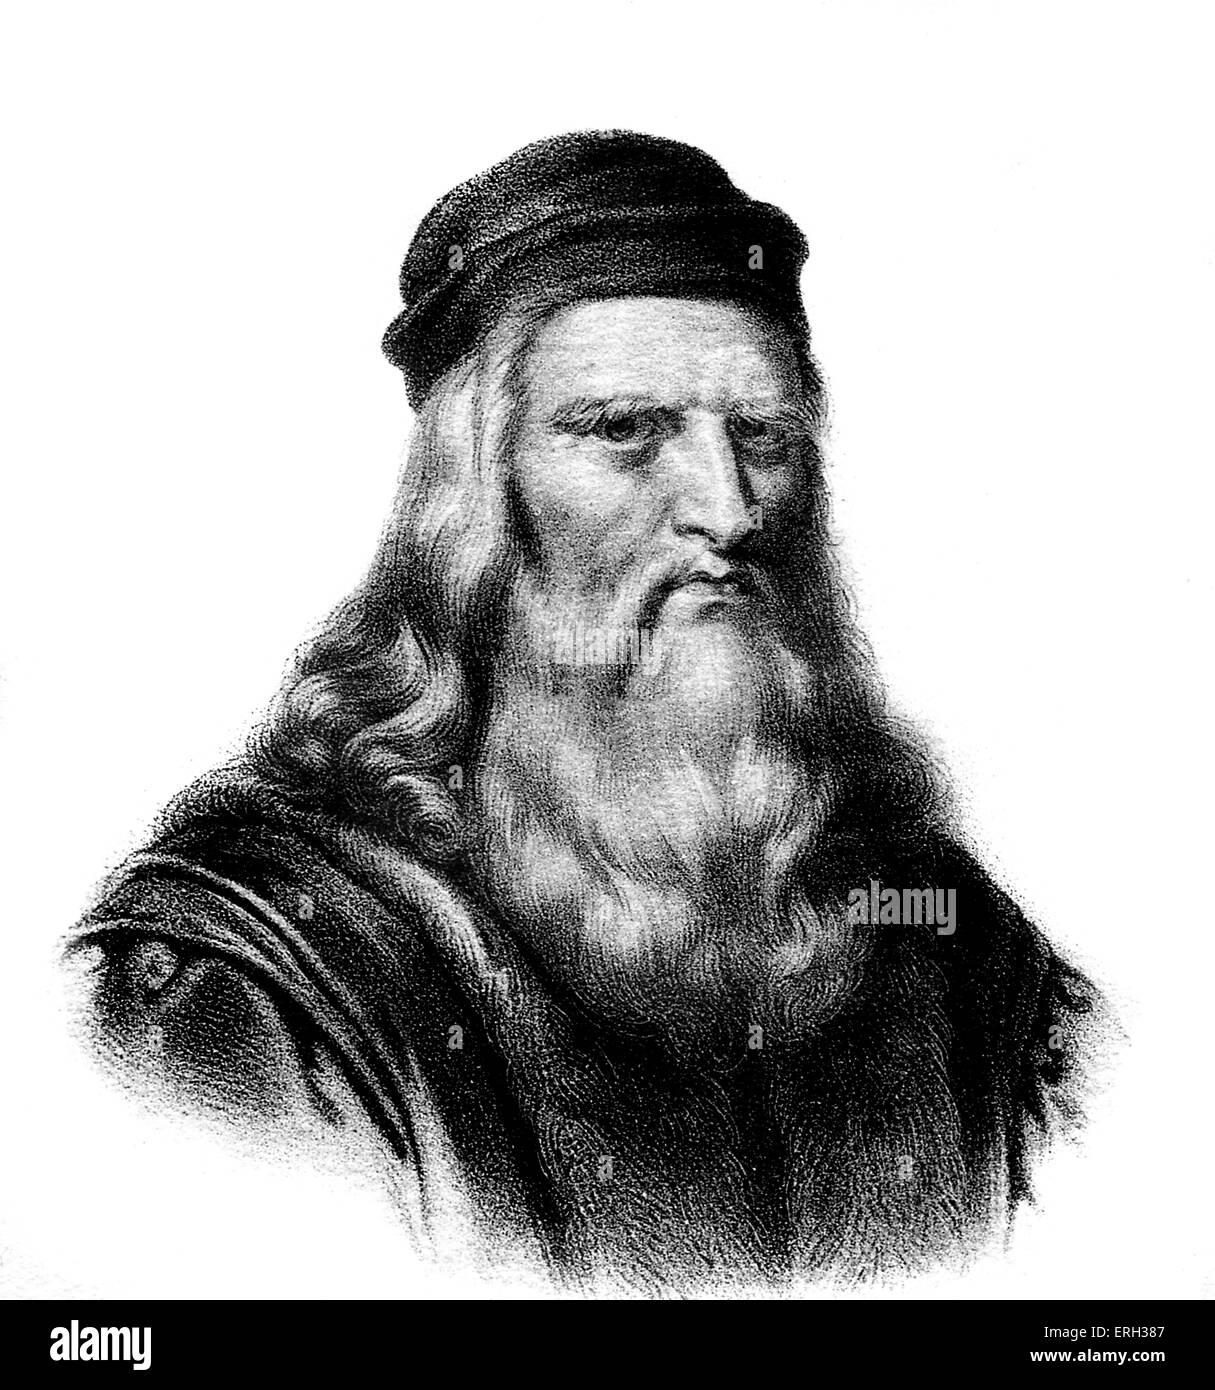 Leonardo da Vinci - renacentista italiano, pintor, escultor, escritor, científico, ingeniero y arquitecto.1452 Imagen De Stock